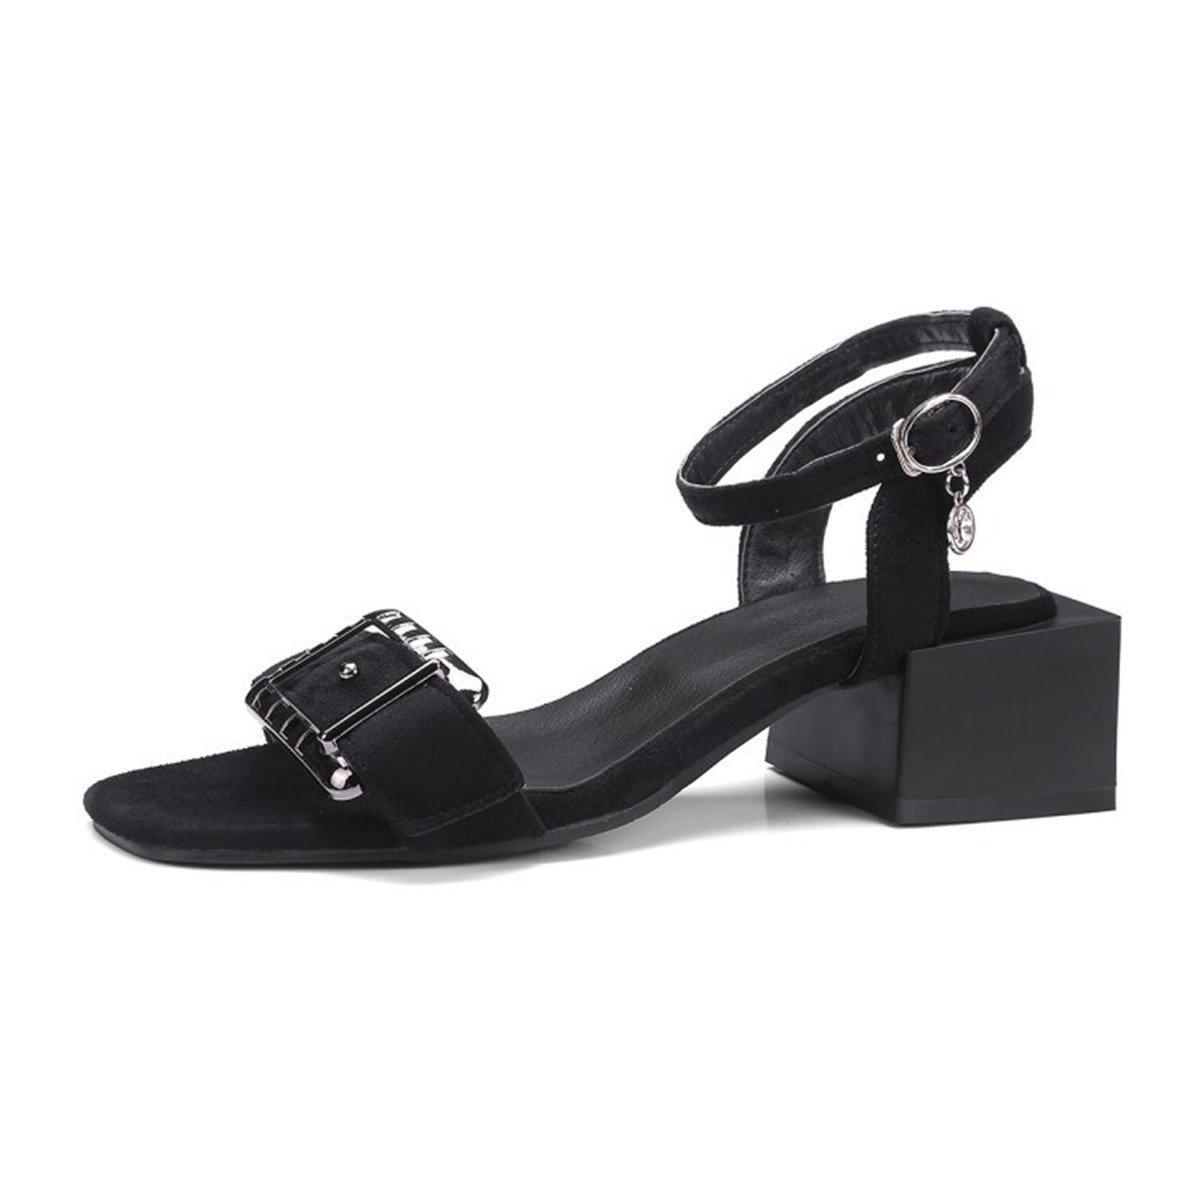 Woherren schuhe Comfort Sandals Walking schuhe   Damen Sandalen   Sandalette Europäische und Amerikanische Big yards Damen Sandalen   FRAUEN Römische Sandalen